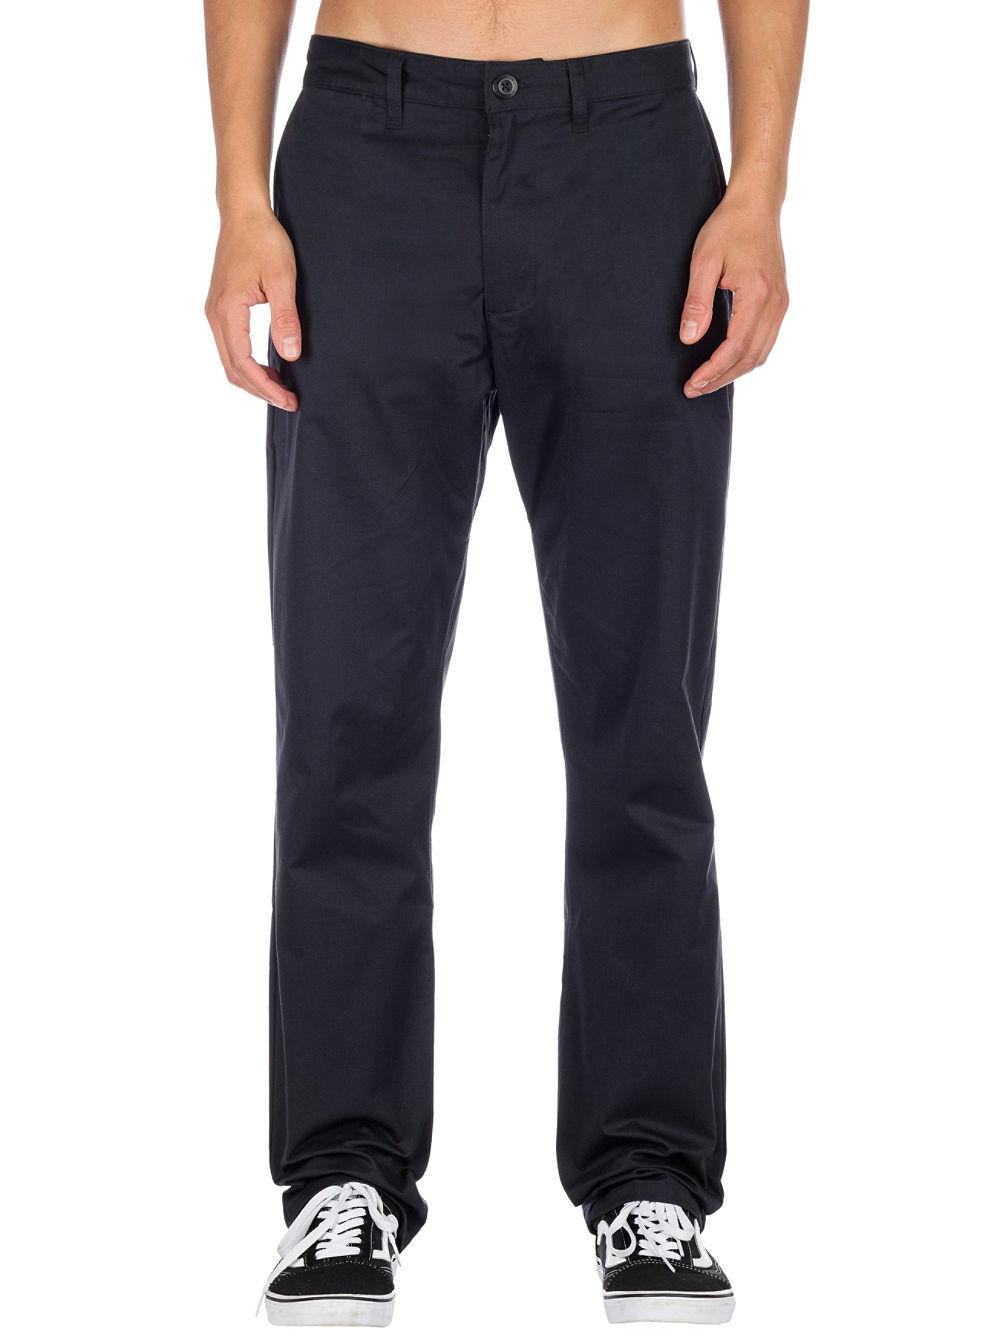 the latest aec8e 5350b Nike SB Dry FTM Pants